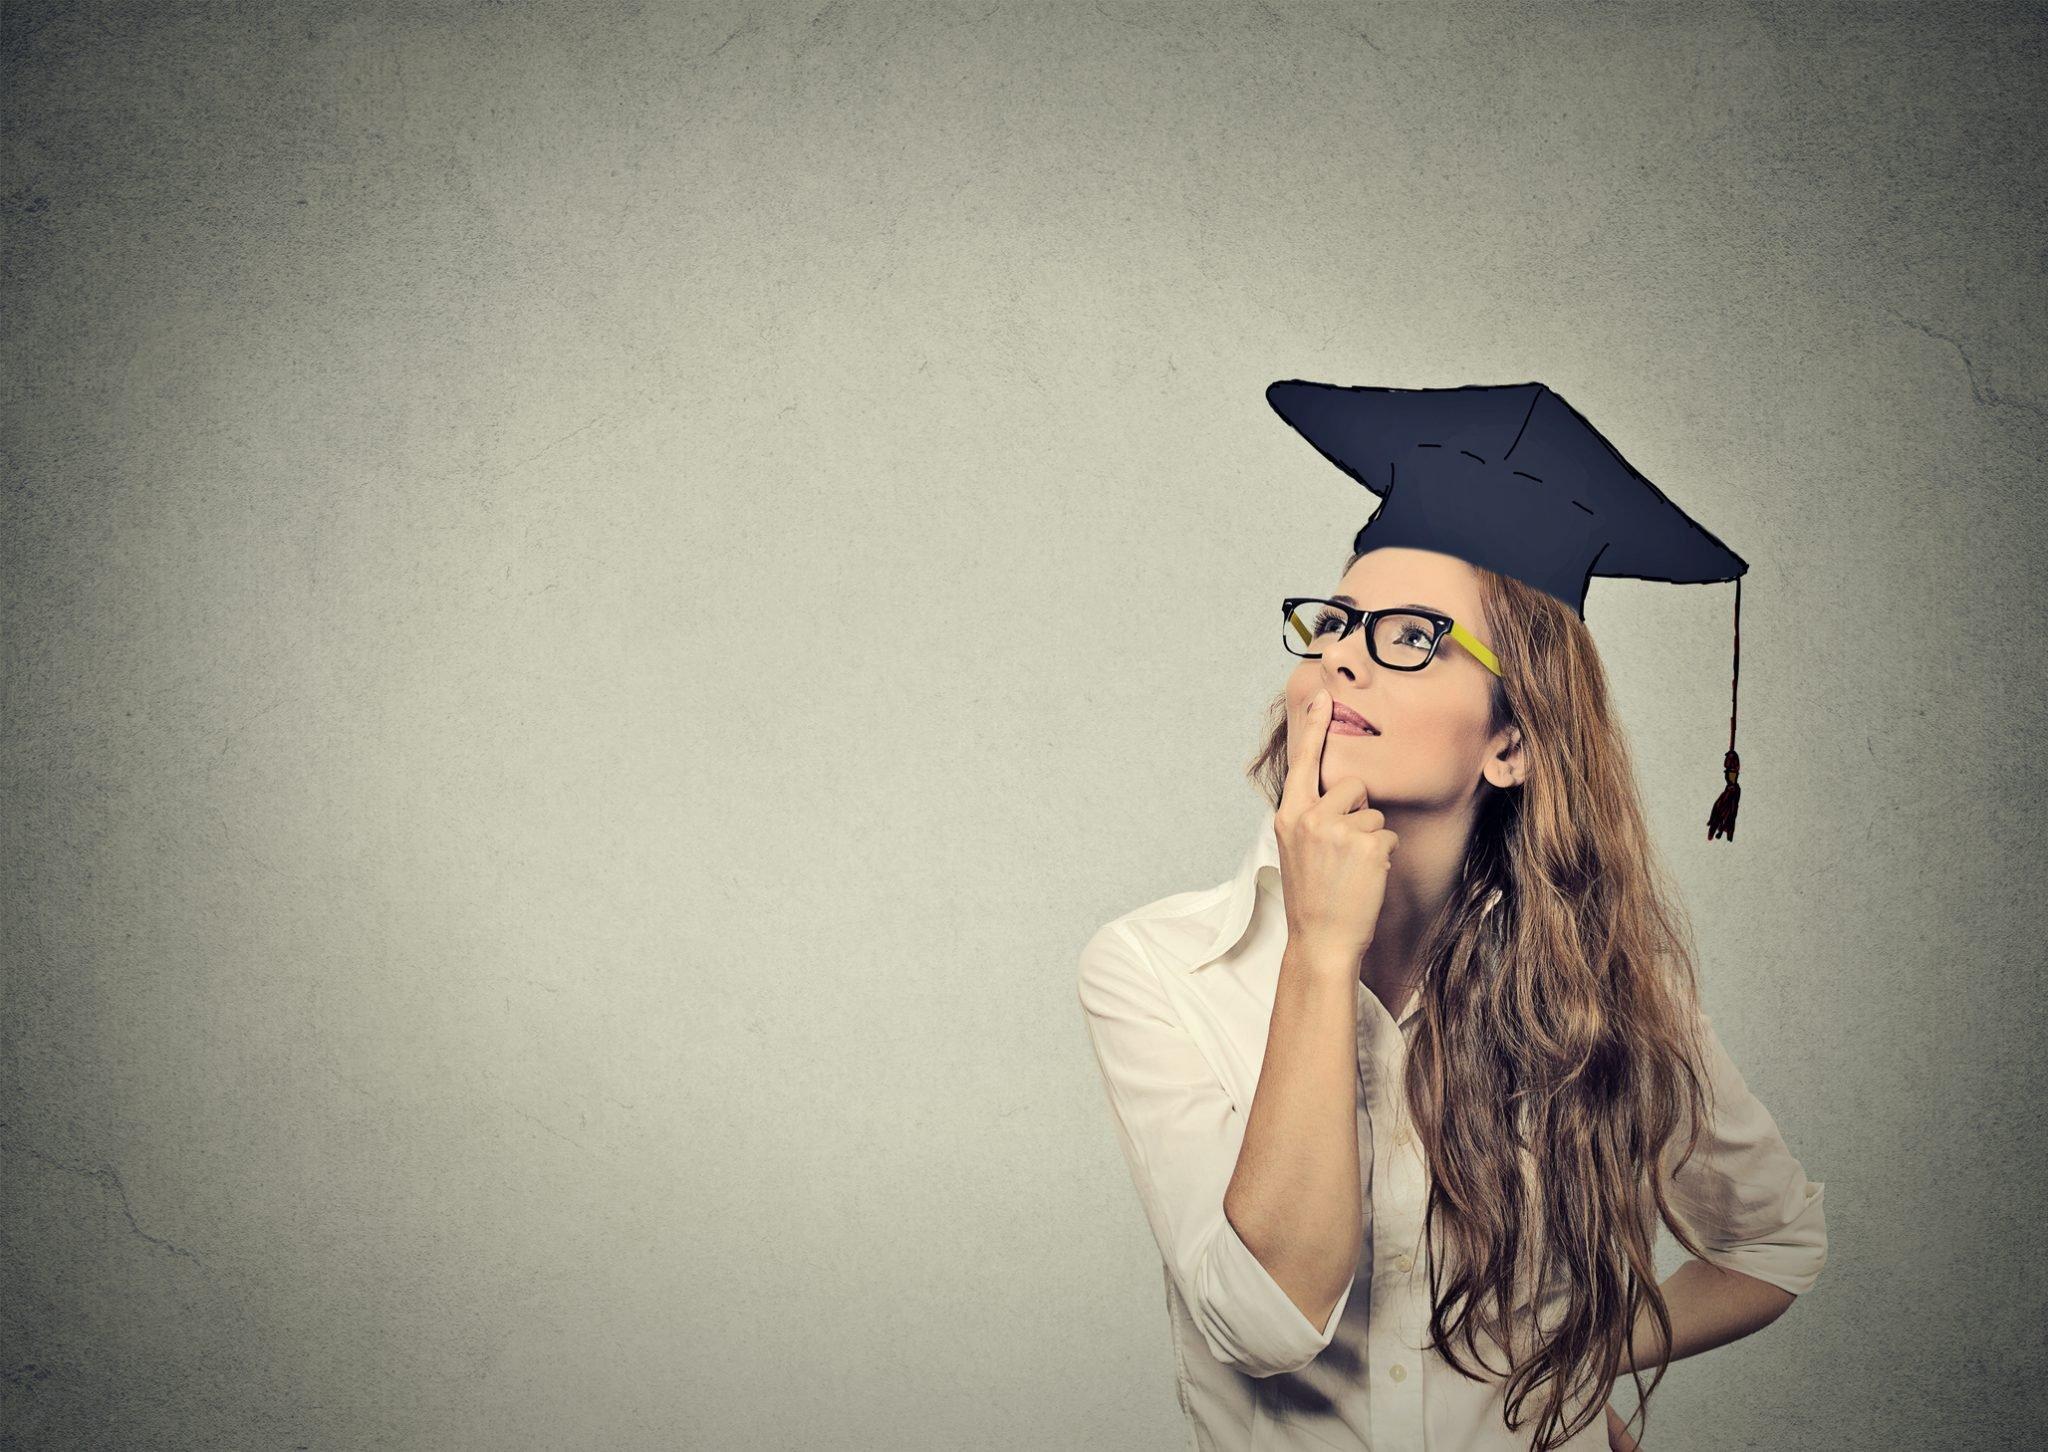 Grad School Applicant